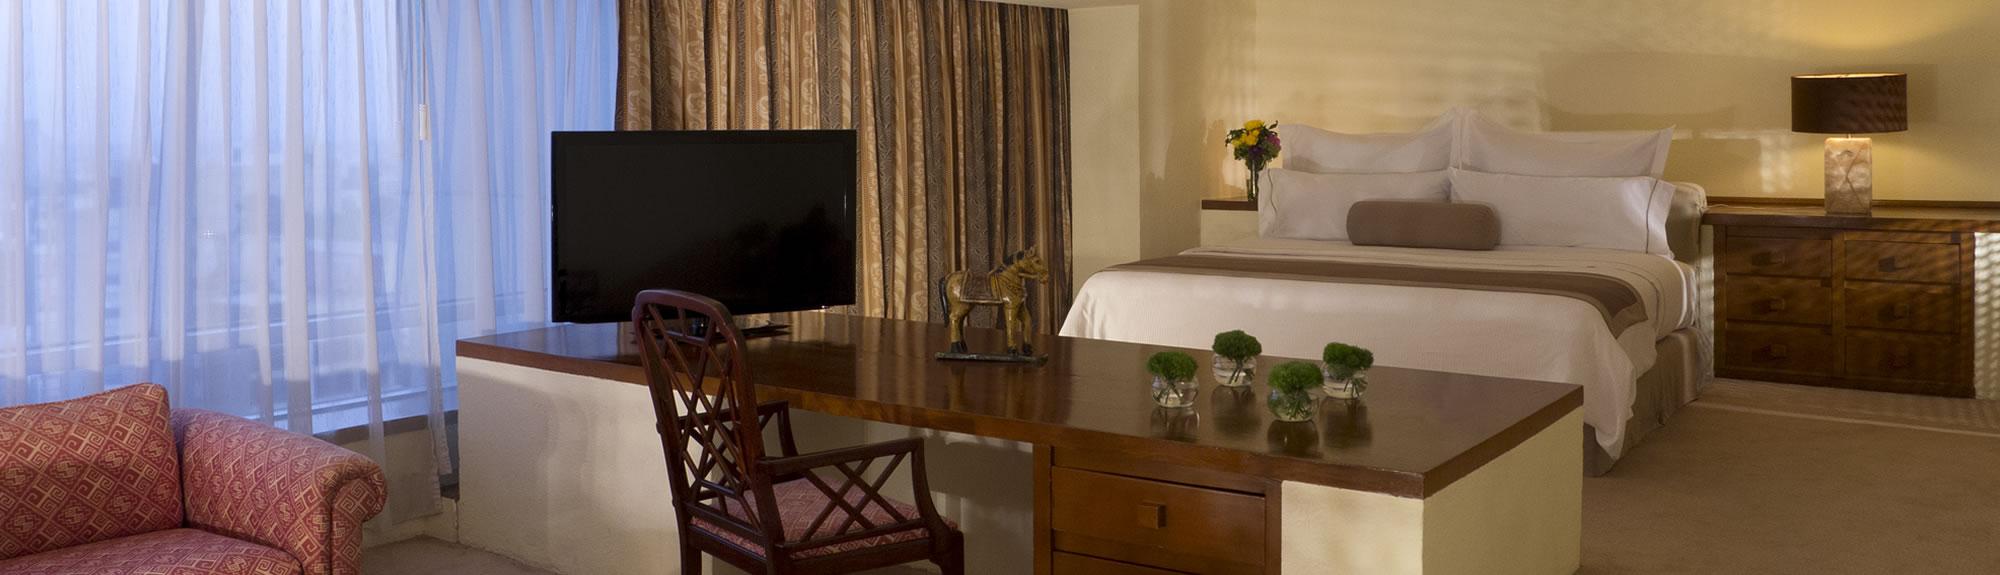 Hotel 5 estrellas en Guadalajara